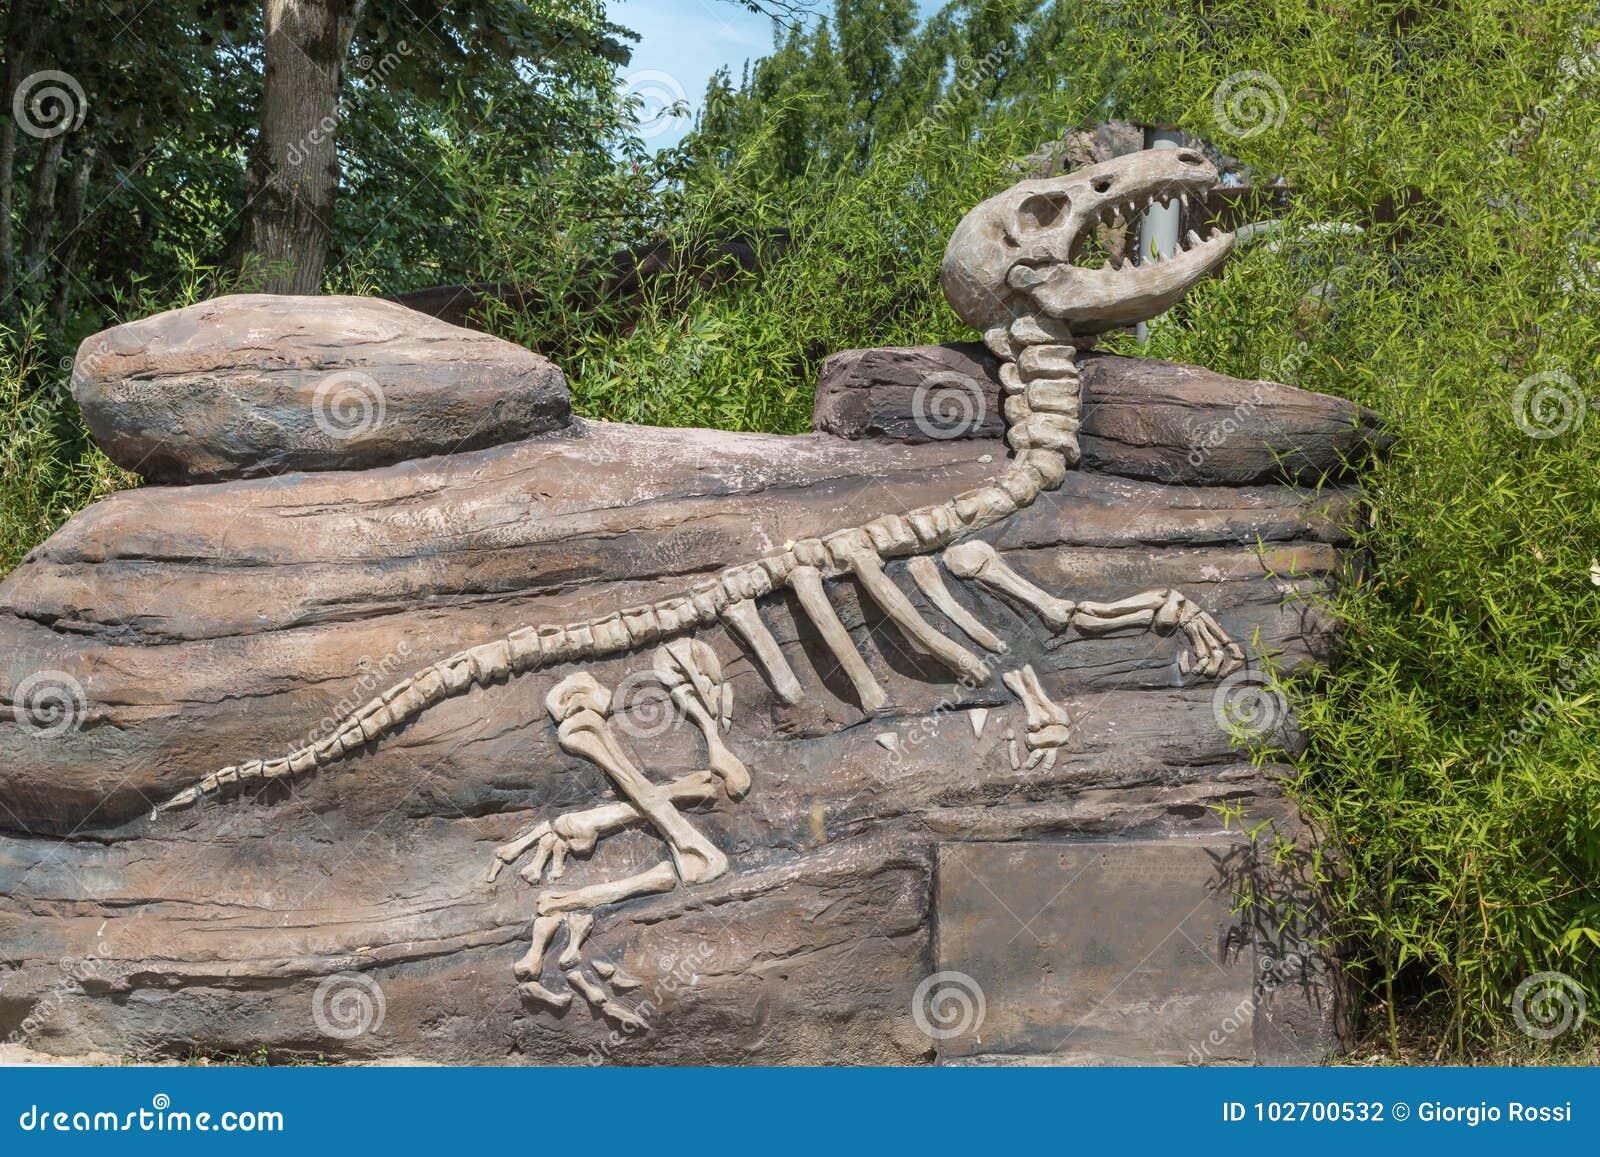 Dinosaur Fossil di modello dentro un parco in Italia